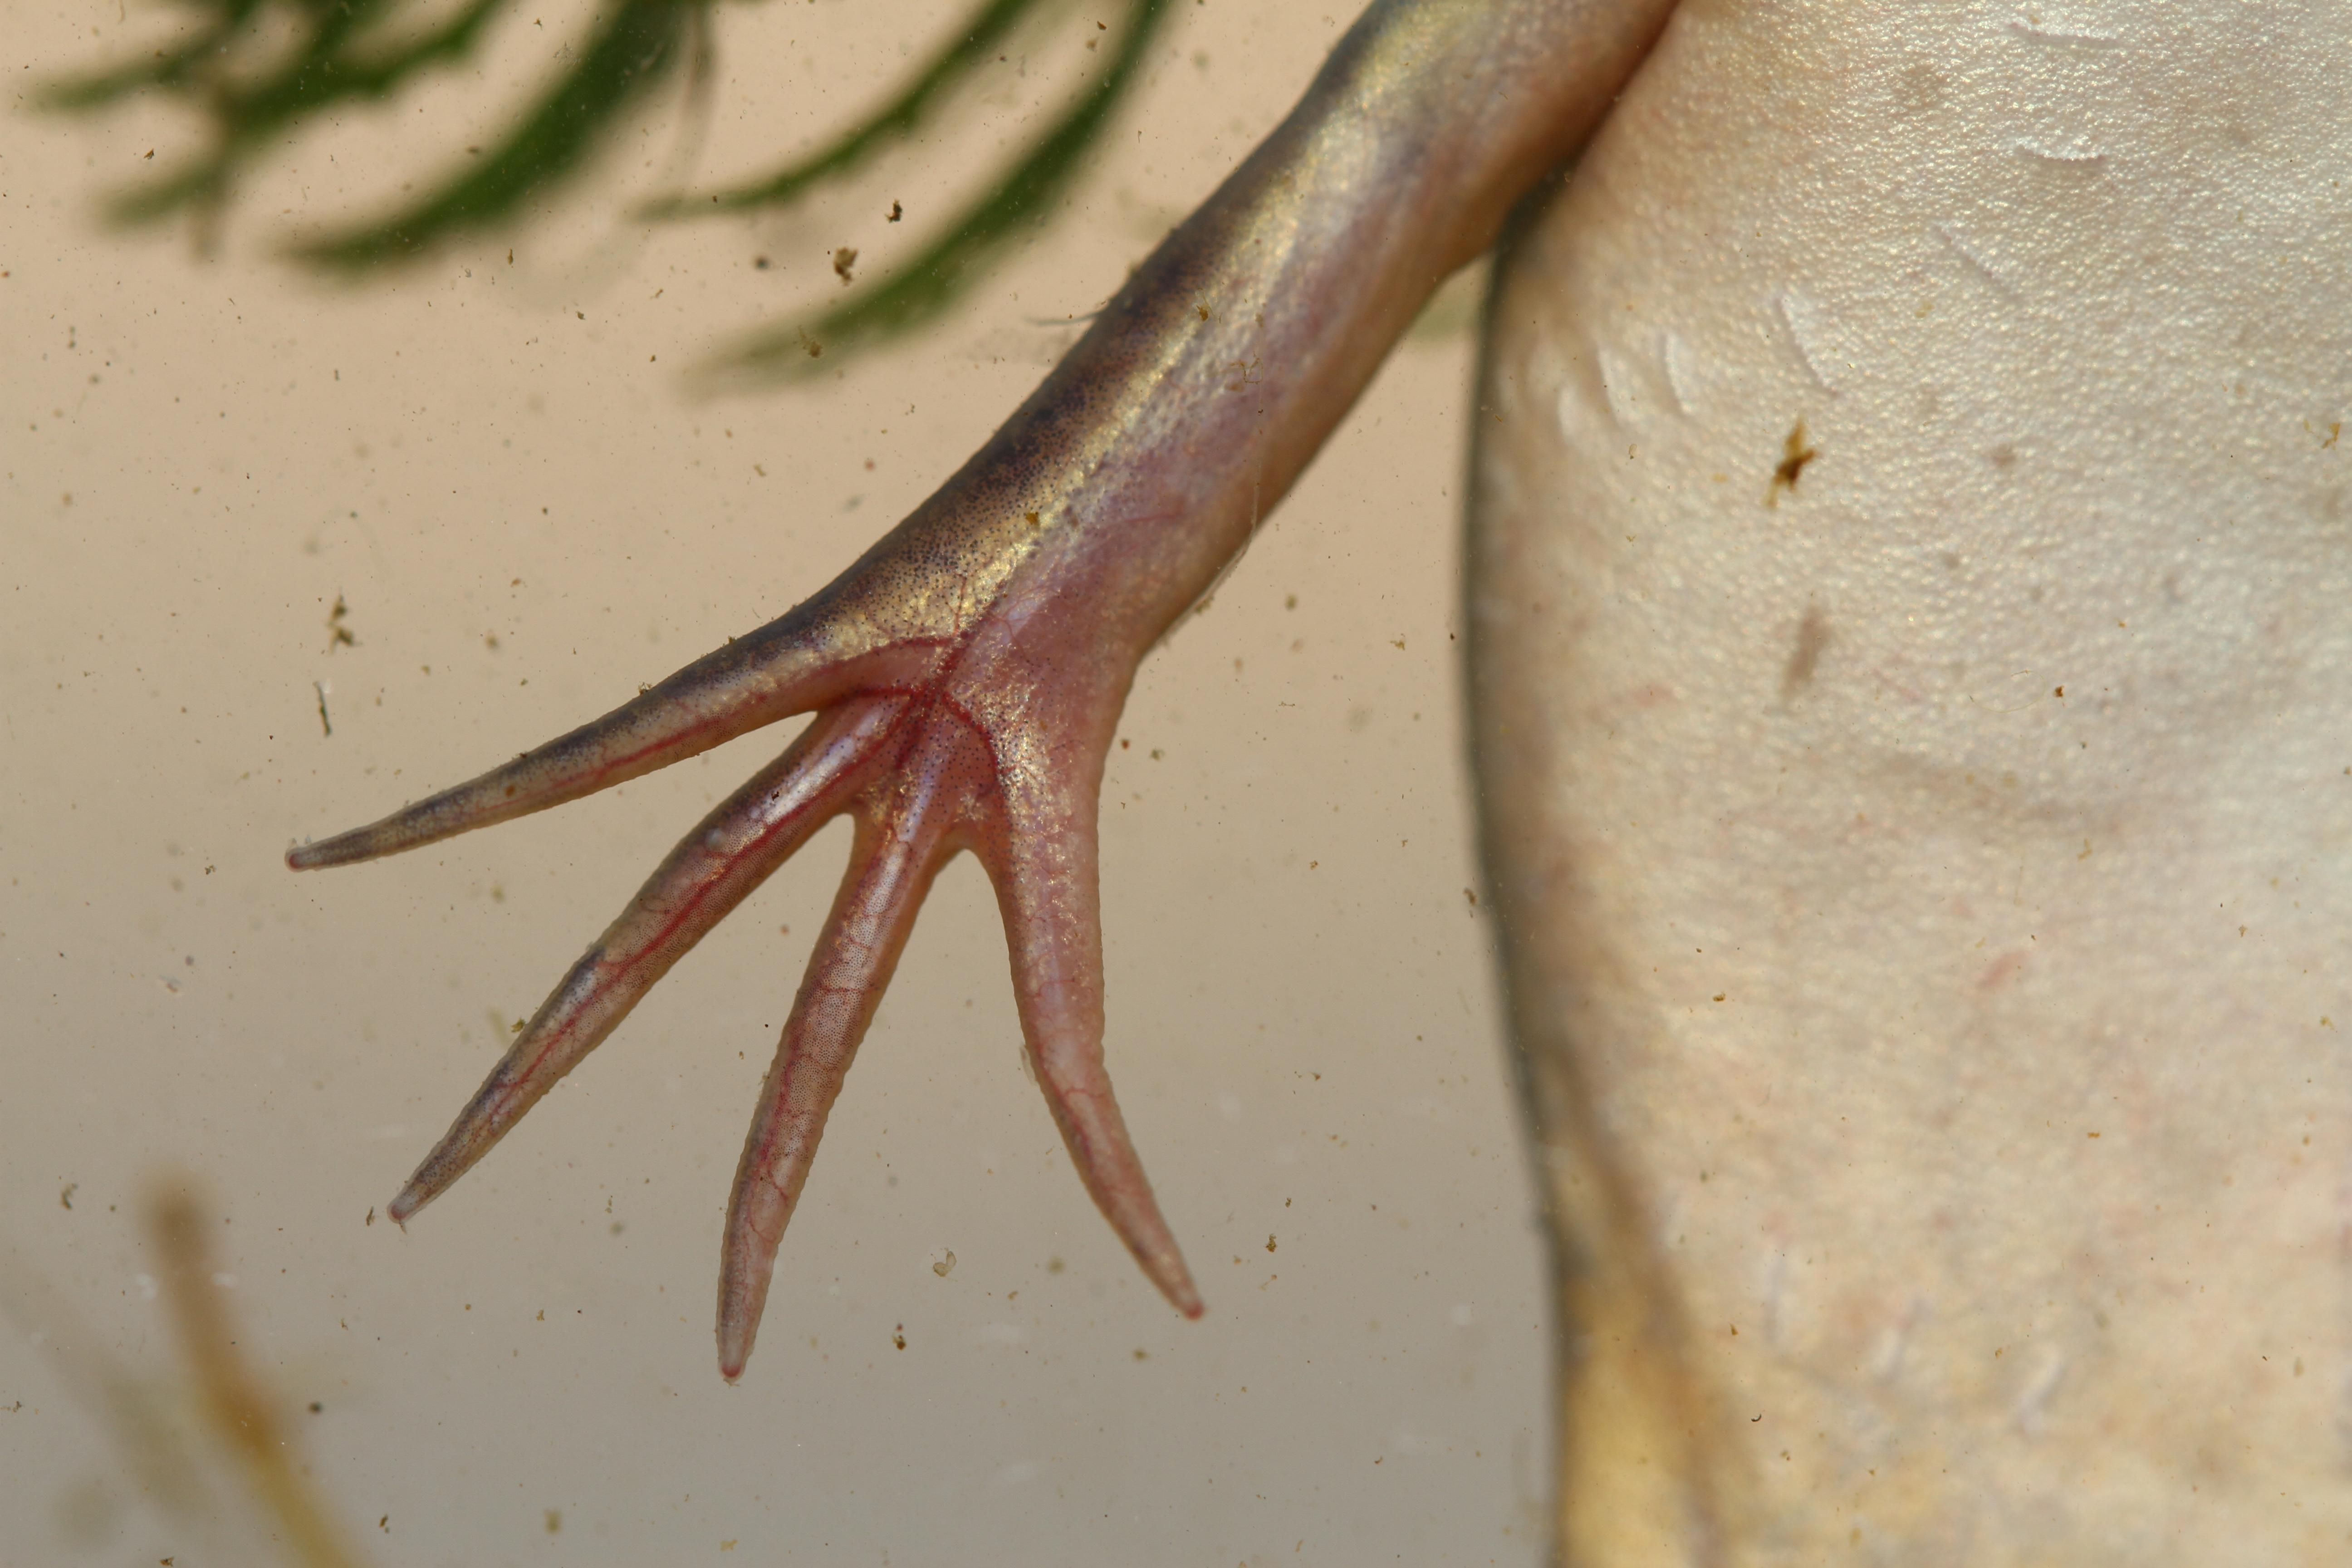 Xénope lisse - Xenopus laevis - patte avant (c) Guillaume Koch - Centre de ressources EEE